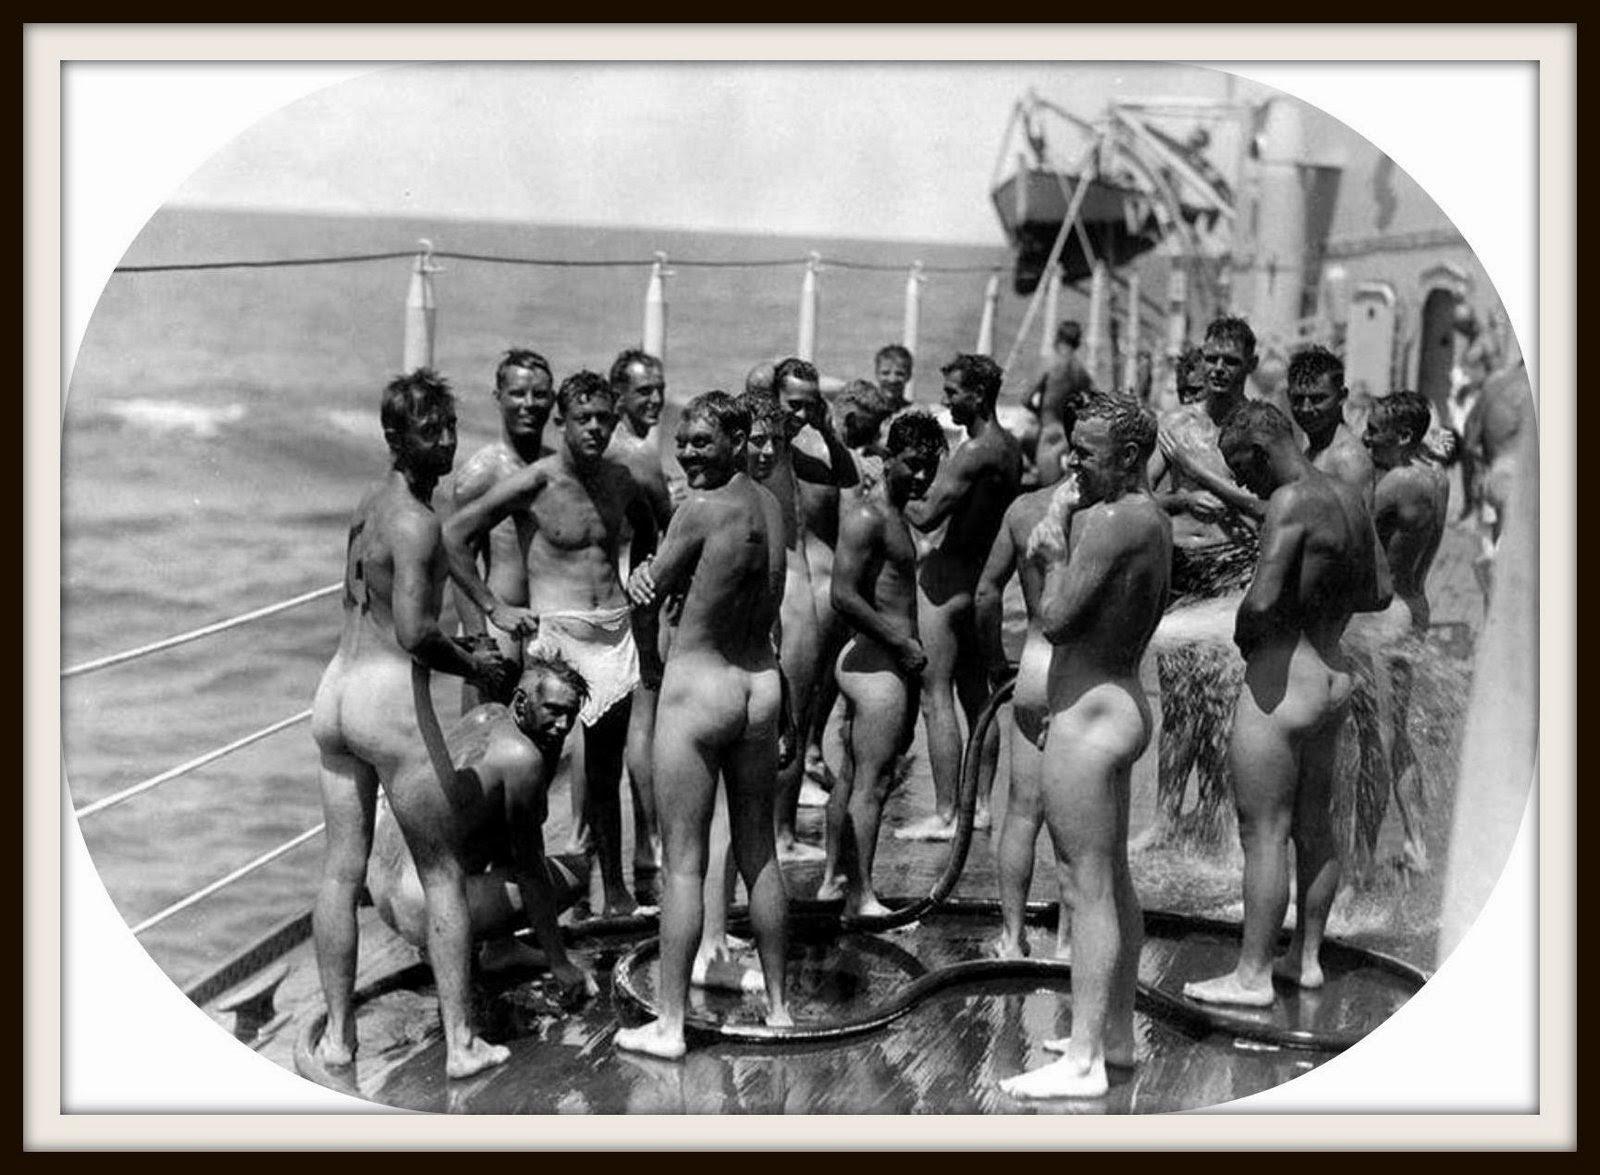 World war 11 men nude sex pic